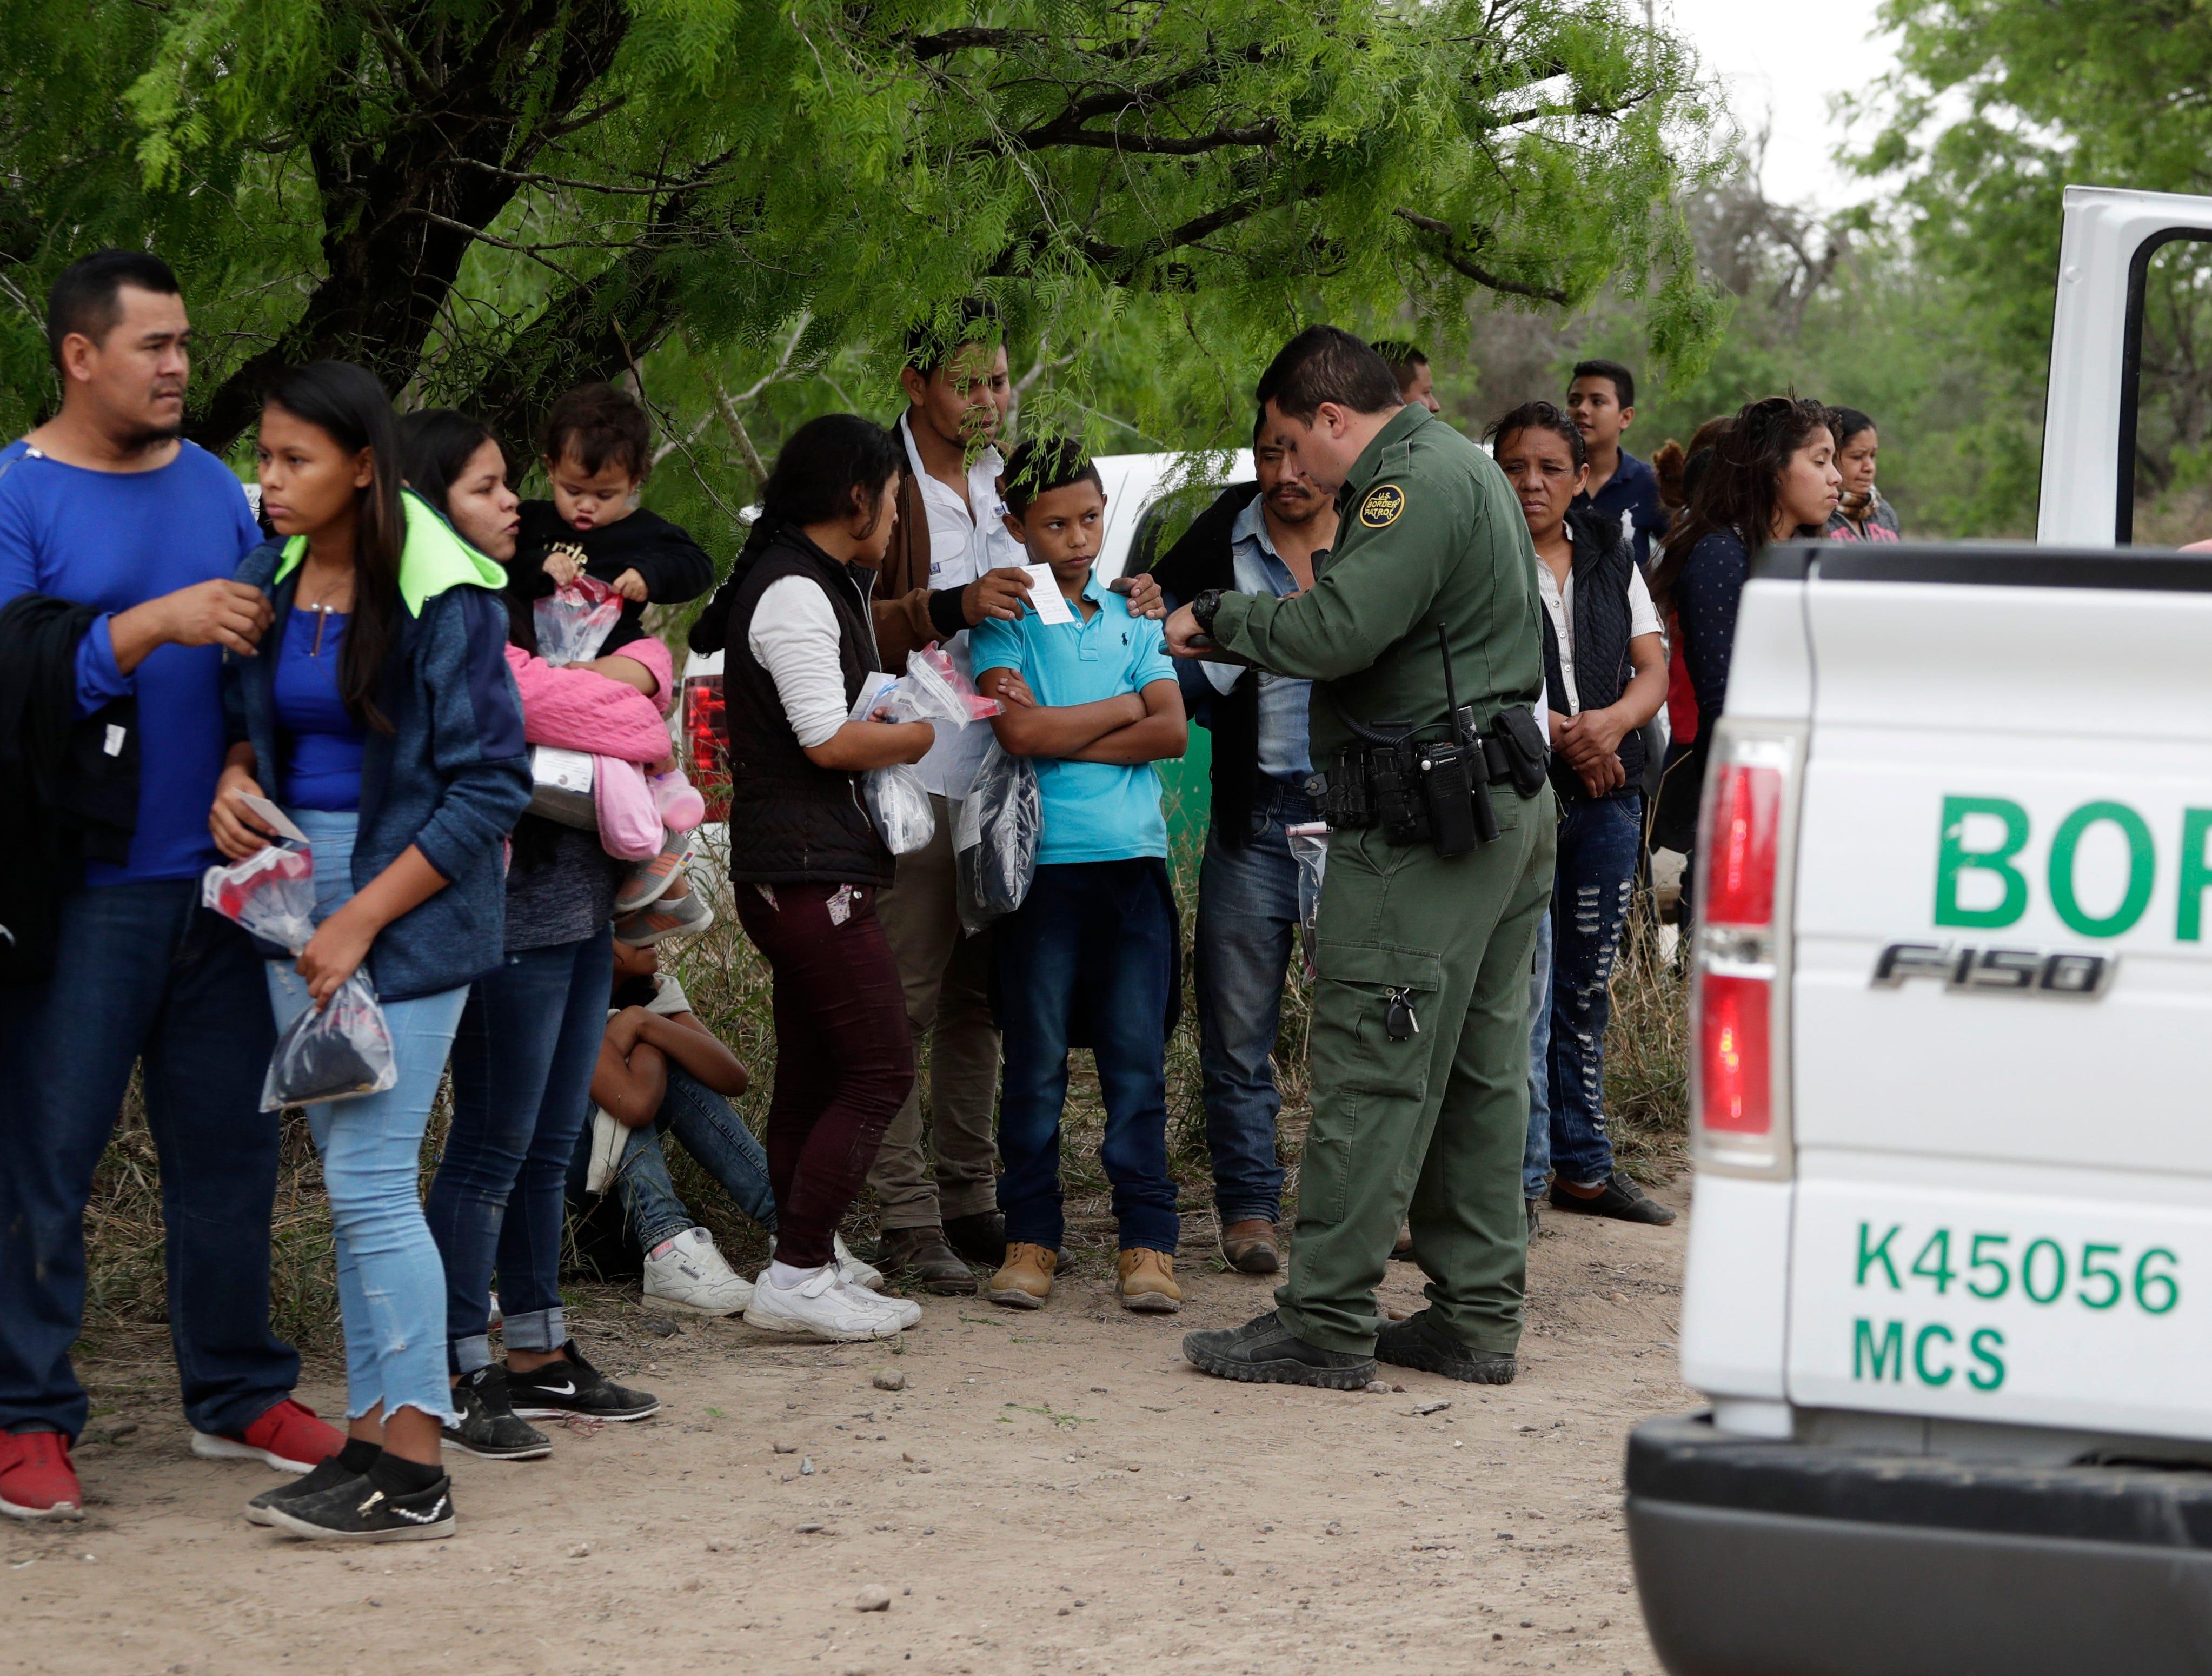 El gobierno del presidente Donald Trump dice que la mayoría de los adultos que cruzan la frontera ilegalmente lo hacen por razones económicas y esperan ser liberados si llevan consigo algún menor y piden asilo.